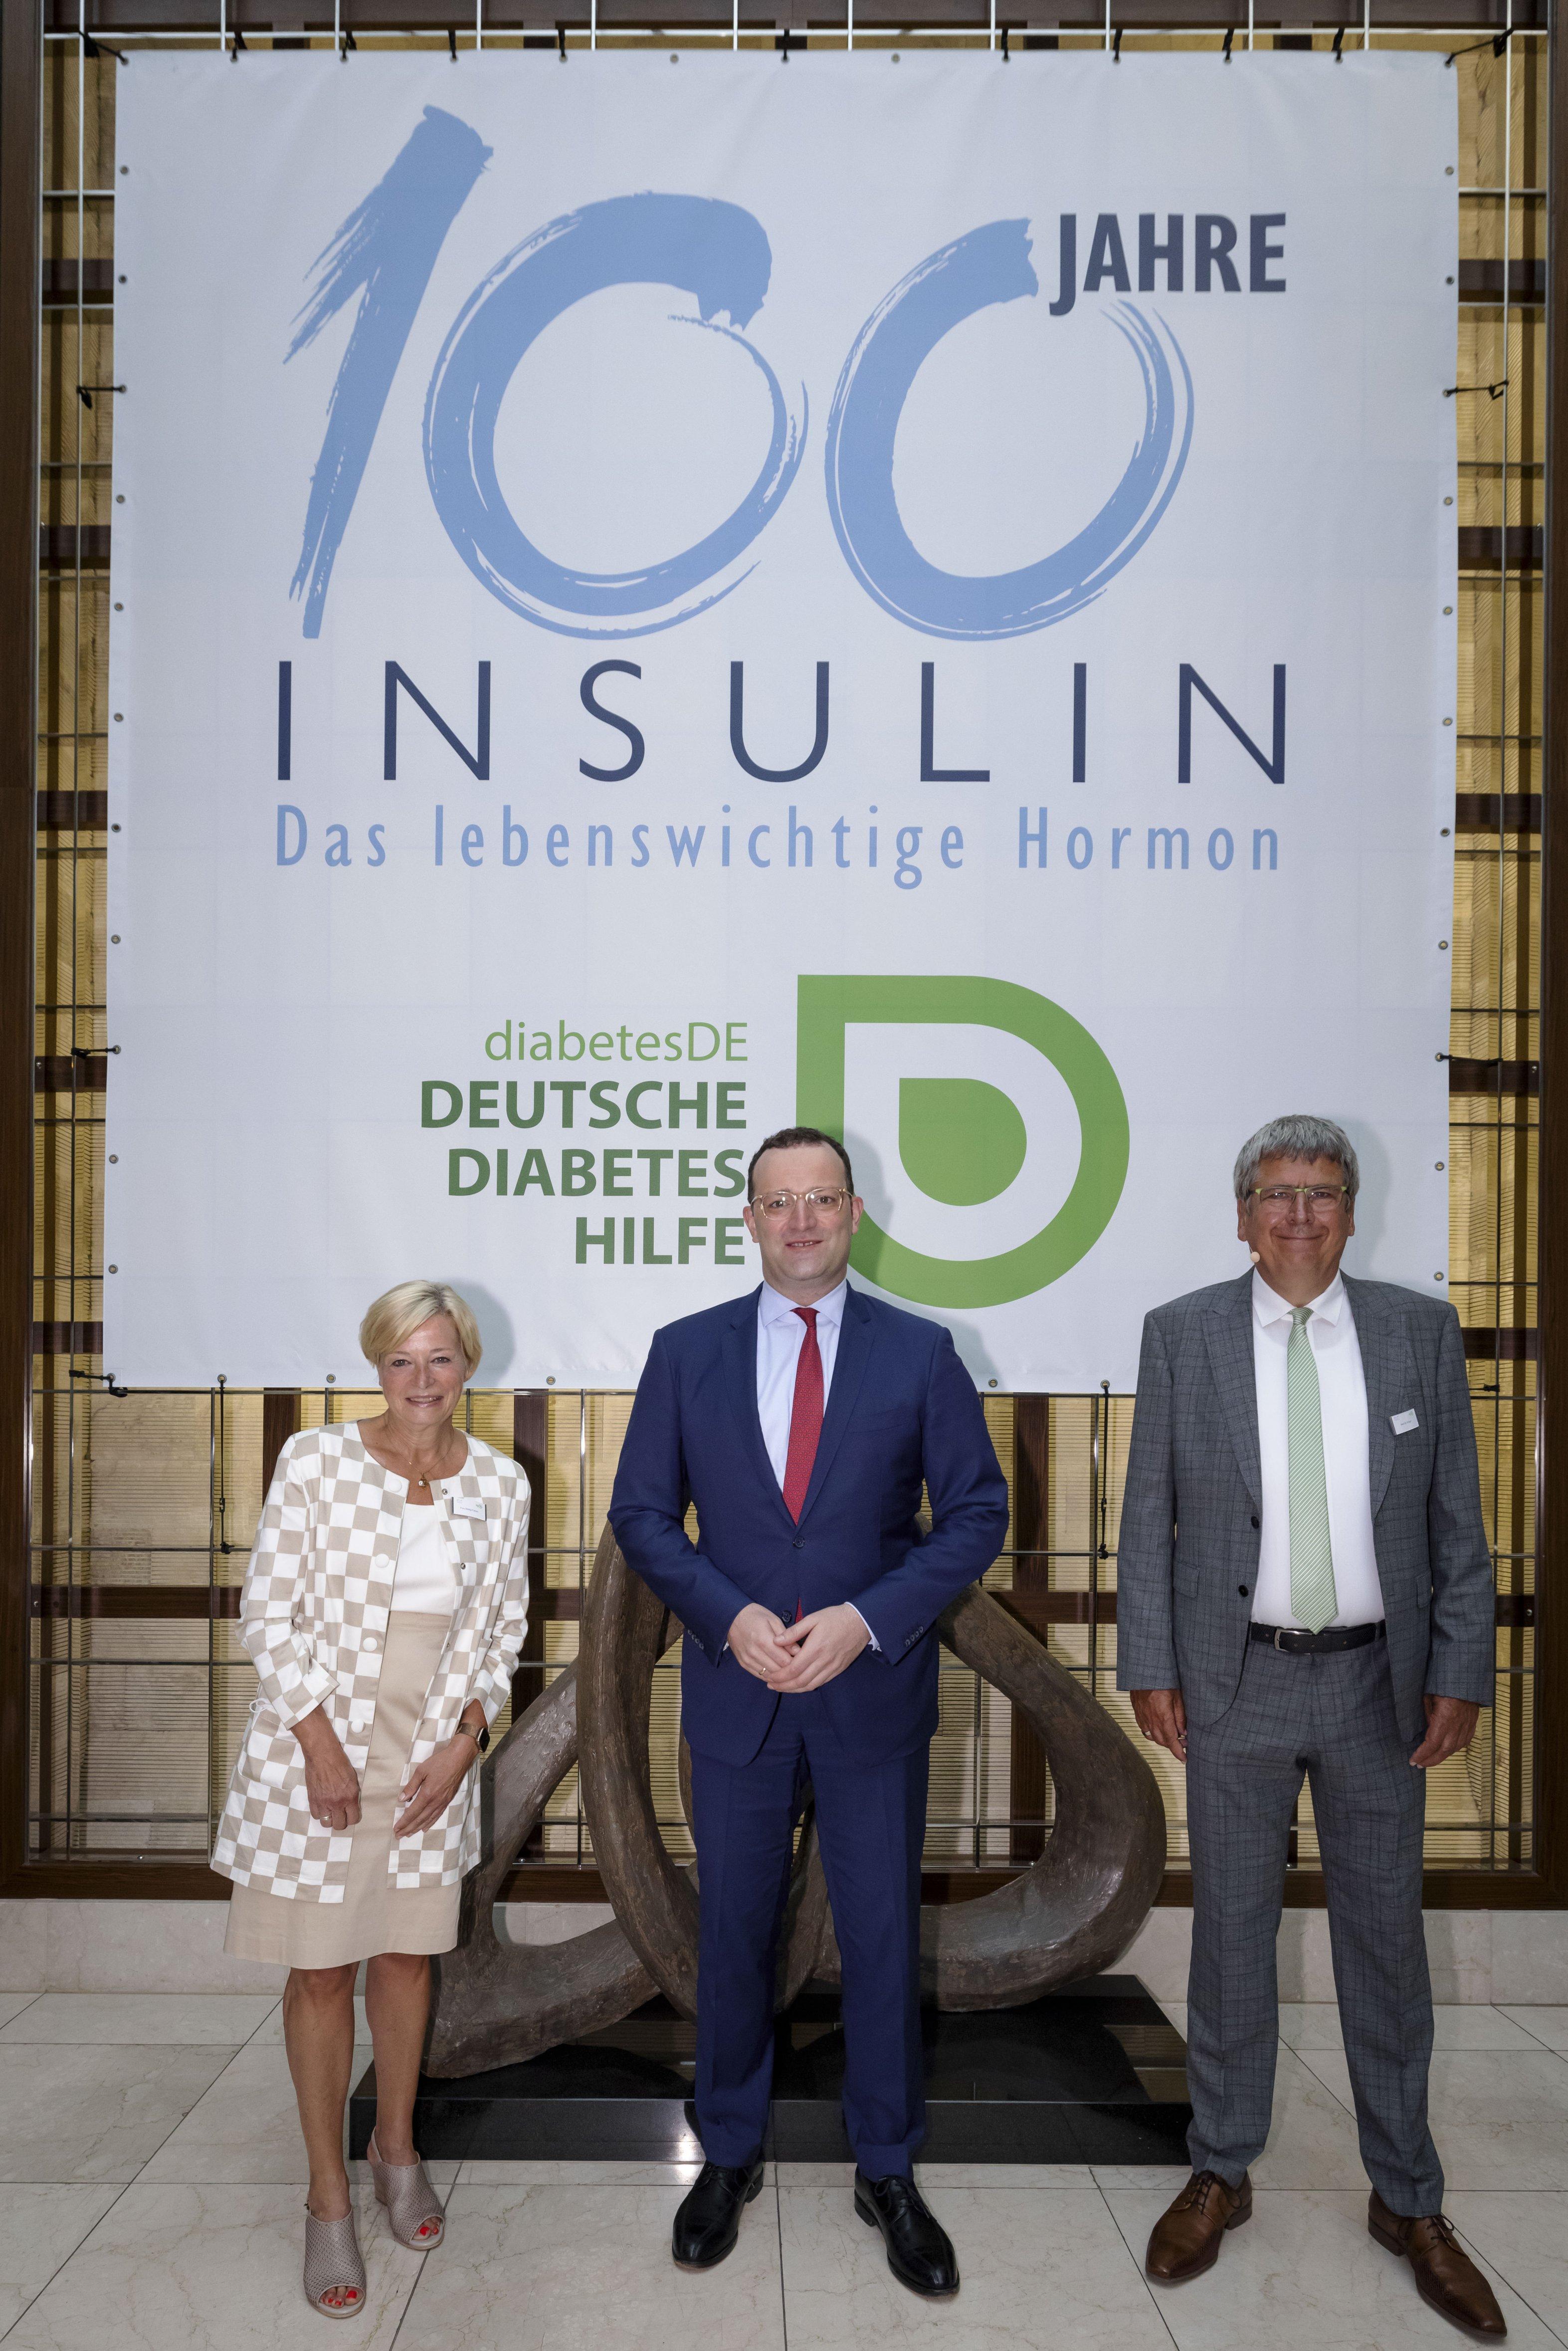 Event 100 Jahre Insulin: Mattig-Fabian, Spahn und Dr. Kröger vor Banner